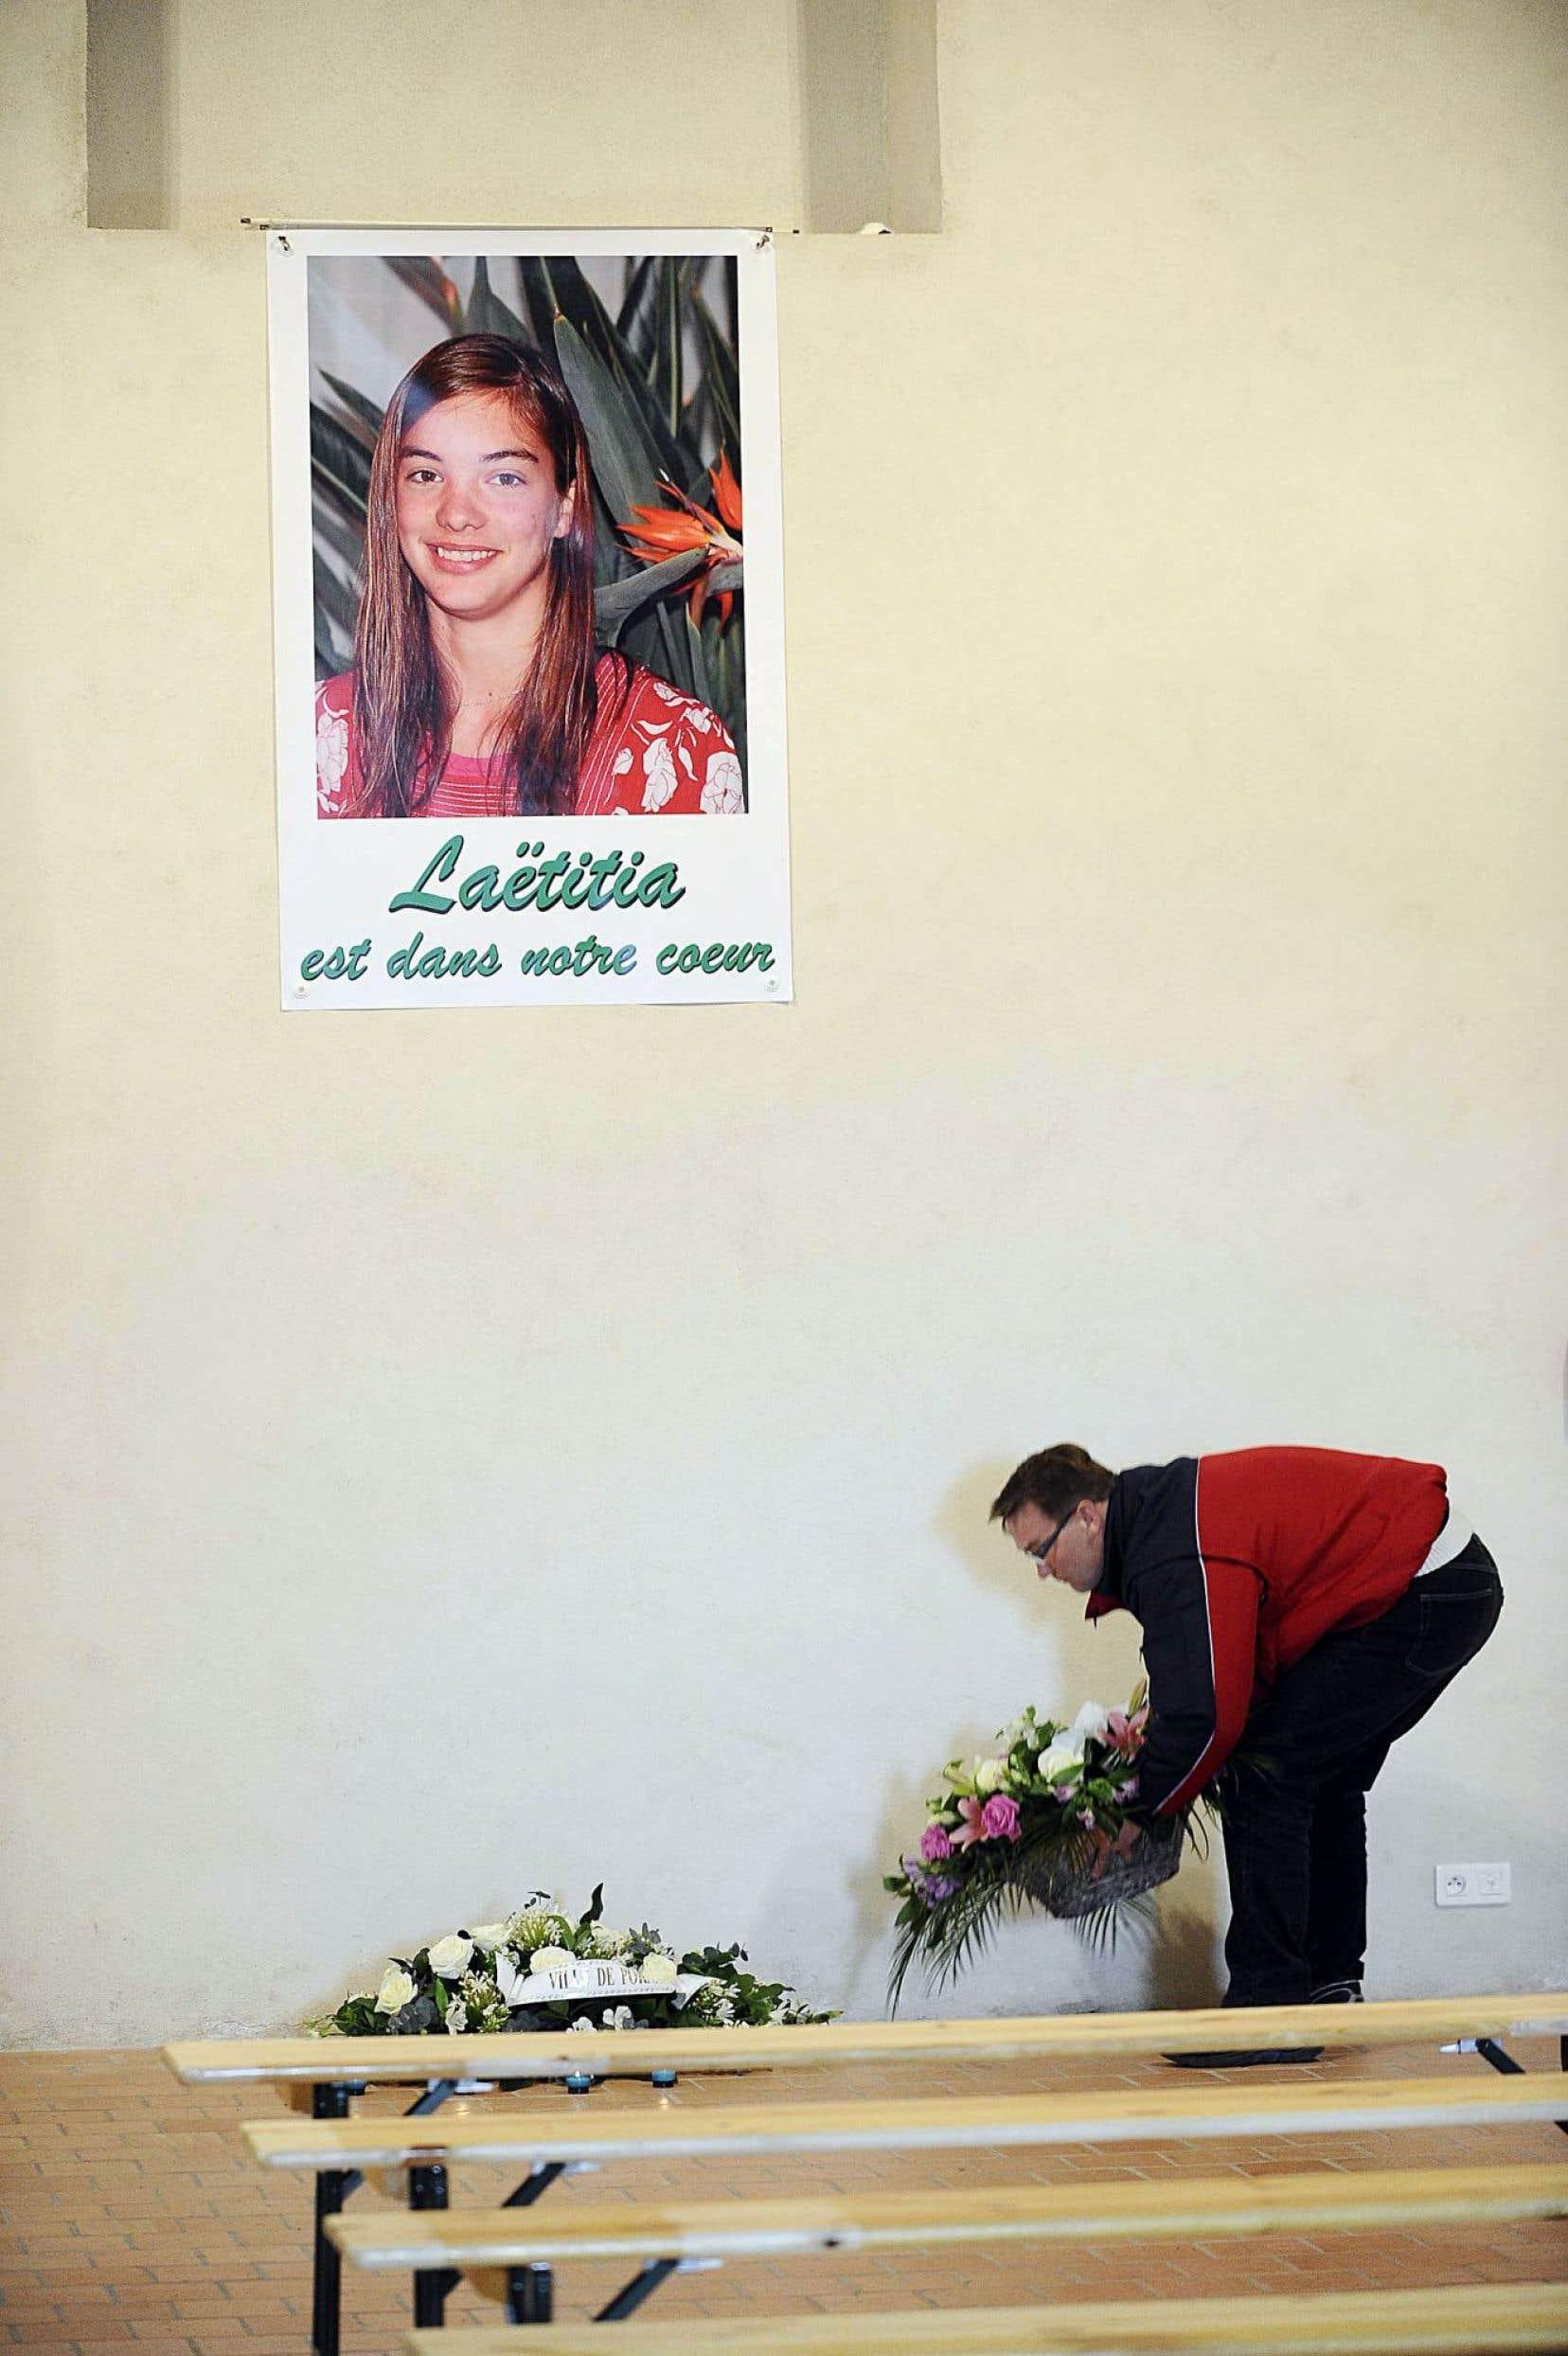 Janvier 2011. La petite communauté de Pornic, en France, est sous le choc après la disparition de la jeune Laëtitia Perrais.